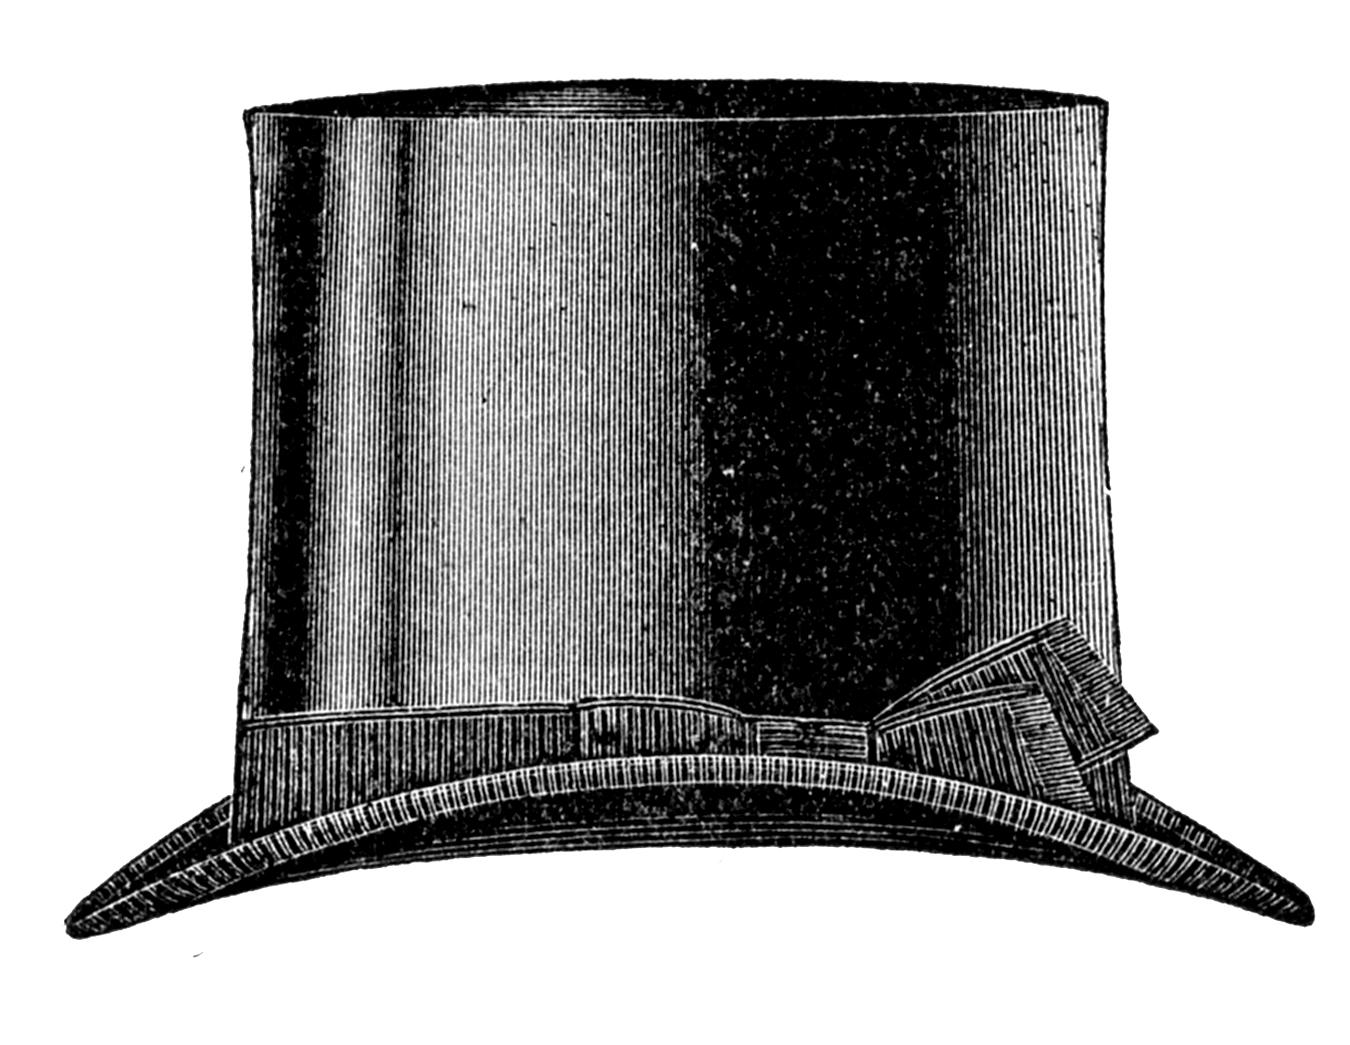 Vintage Ladies Hats Clipart - Clipart Suggest  |Vintage Hat Art